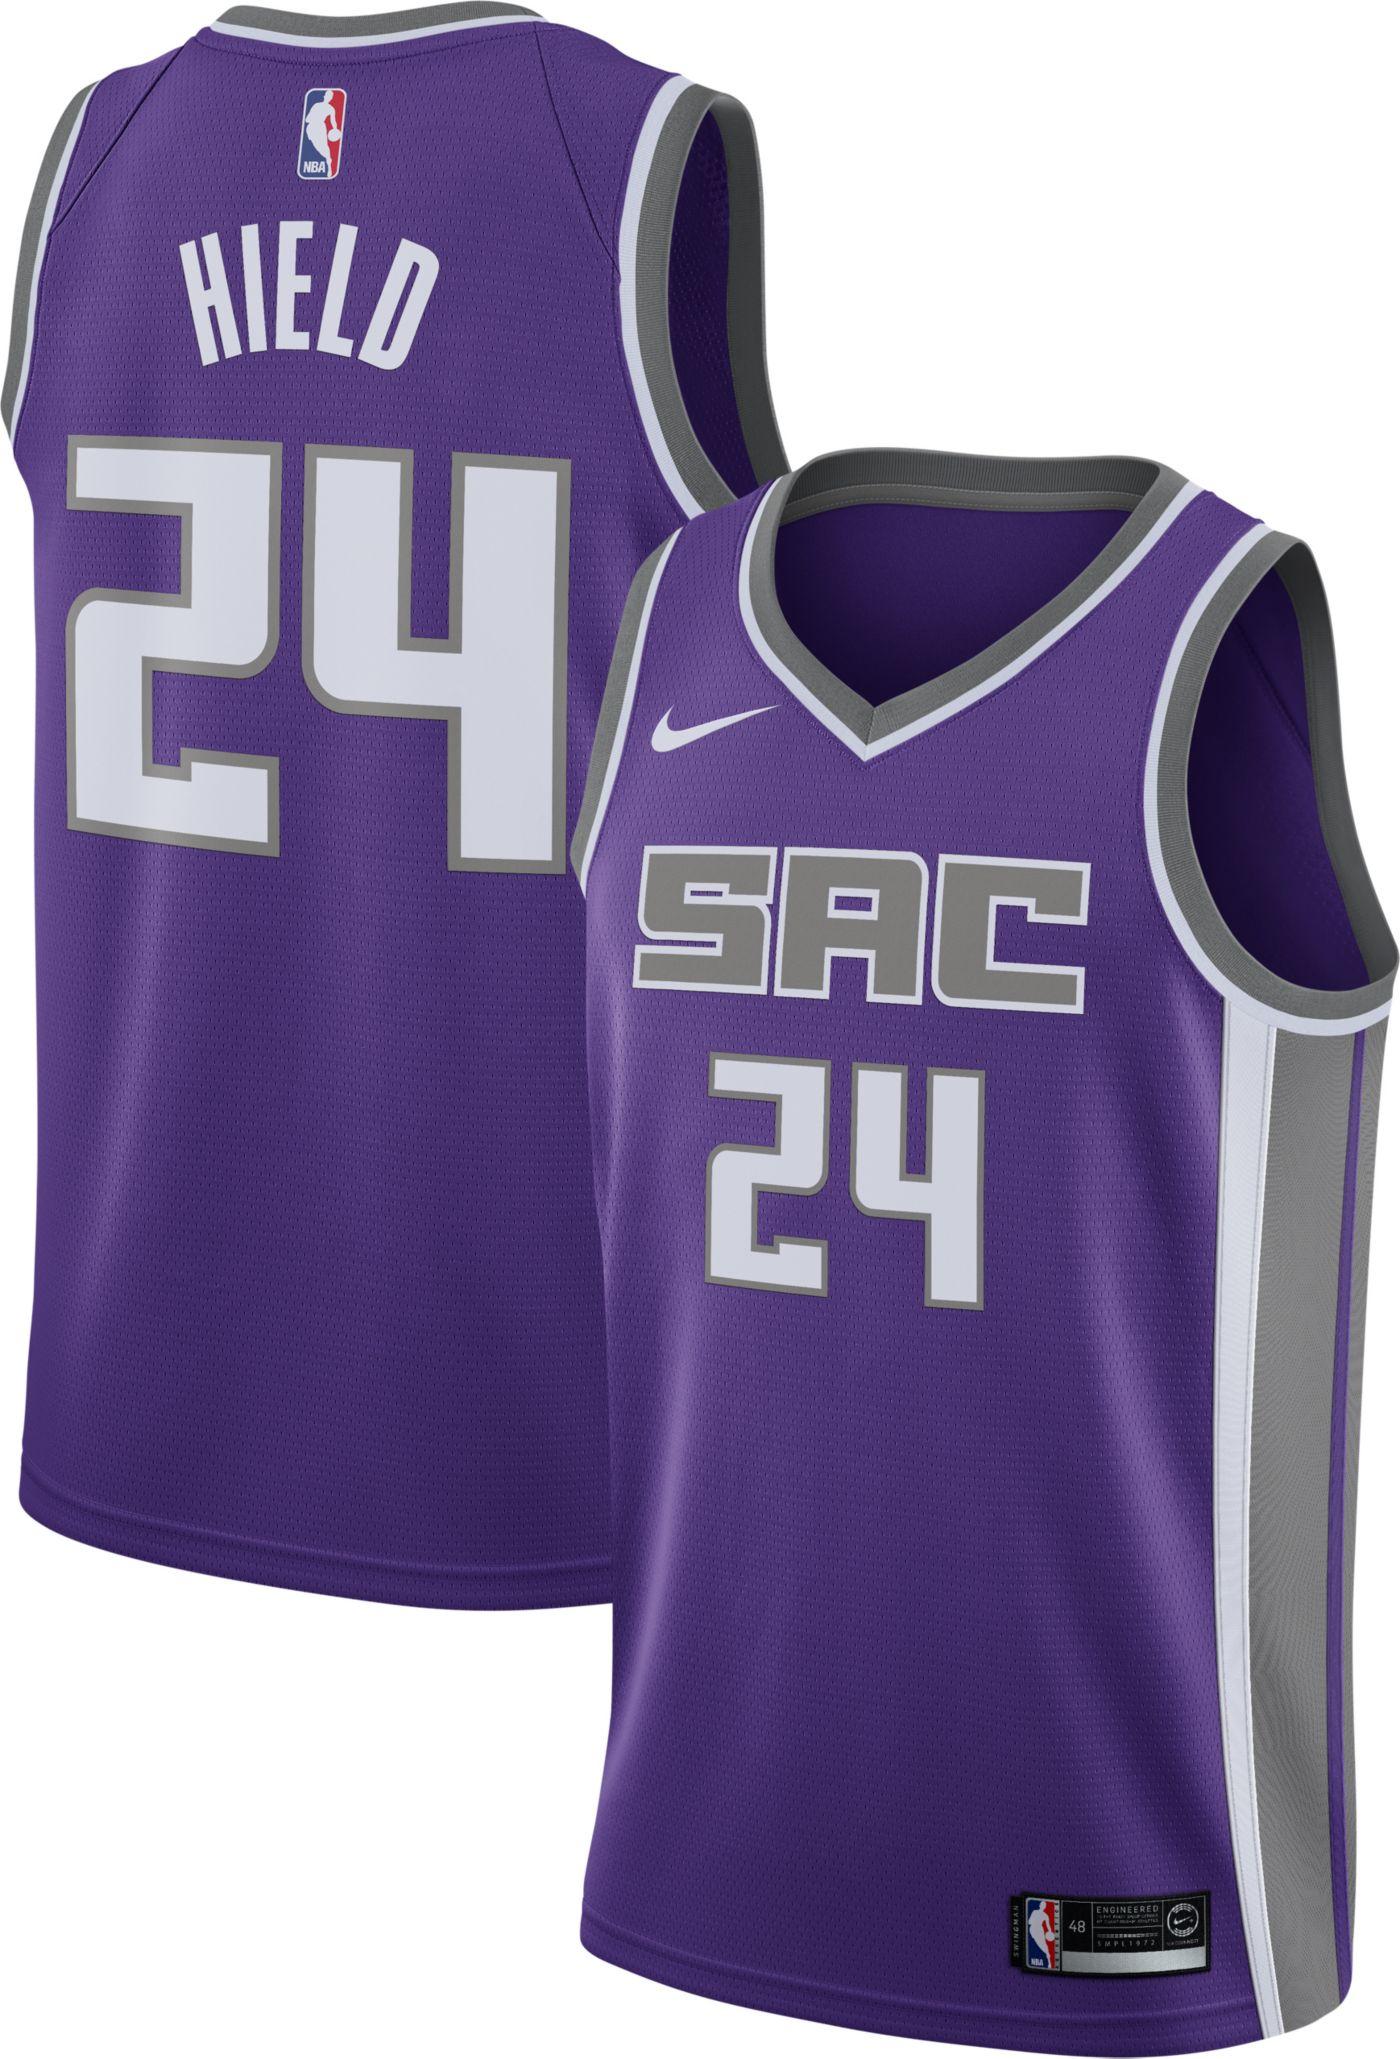 Nike Men's Sacramento Kings Buddy Hield #24 Purple Dri-FIT Swingman Jersey